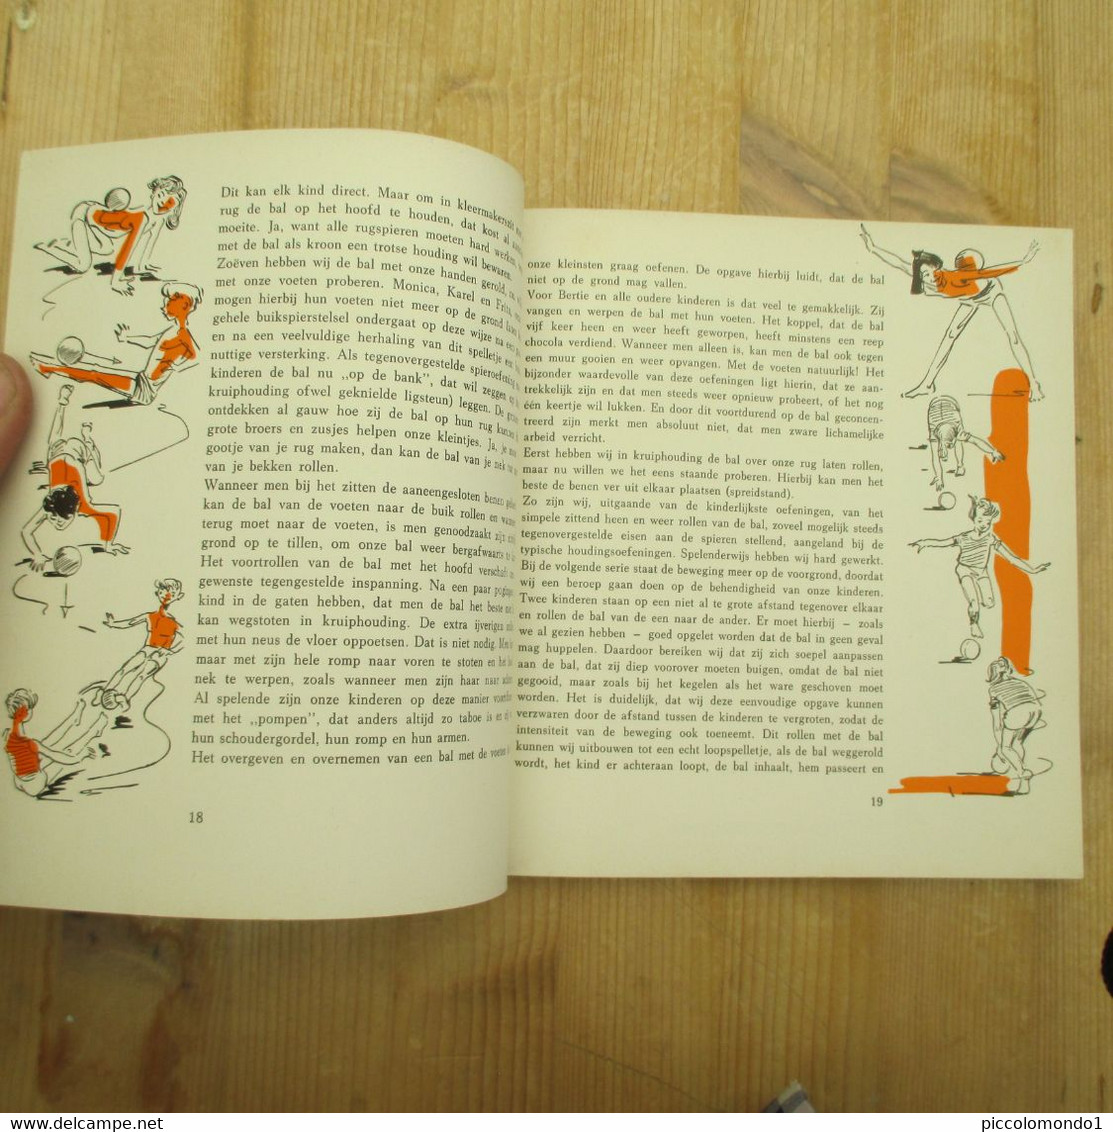 10 Minuten Met Adalbert Dickhut 1961 Ochtendgymnastiek Karlheinz Grinder Stuttgart 91 Blz - Prácticos